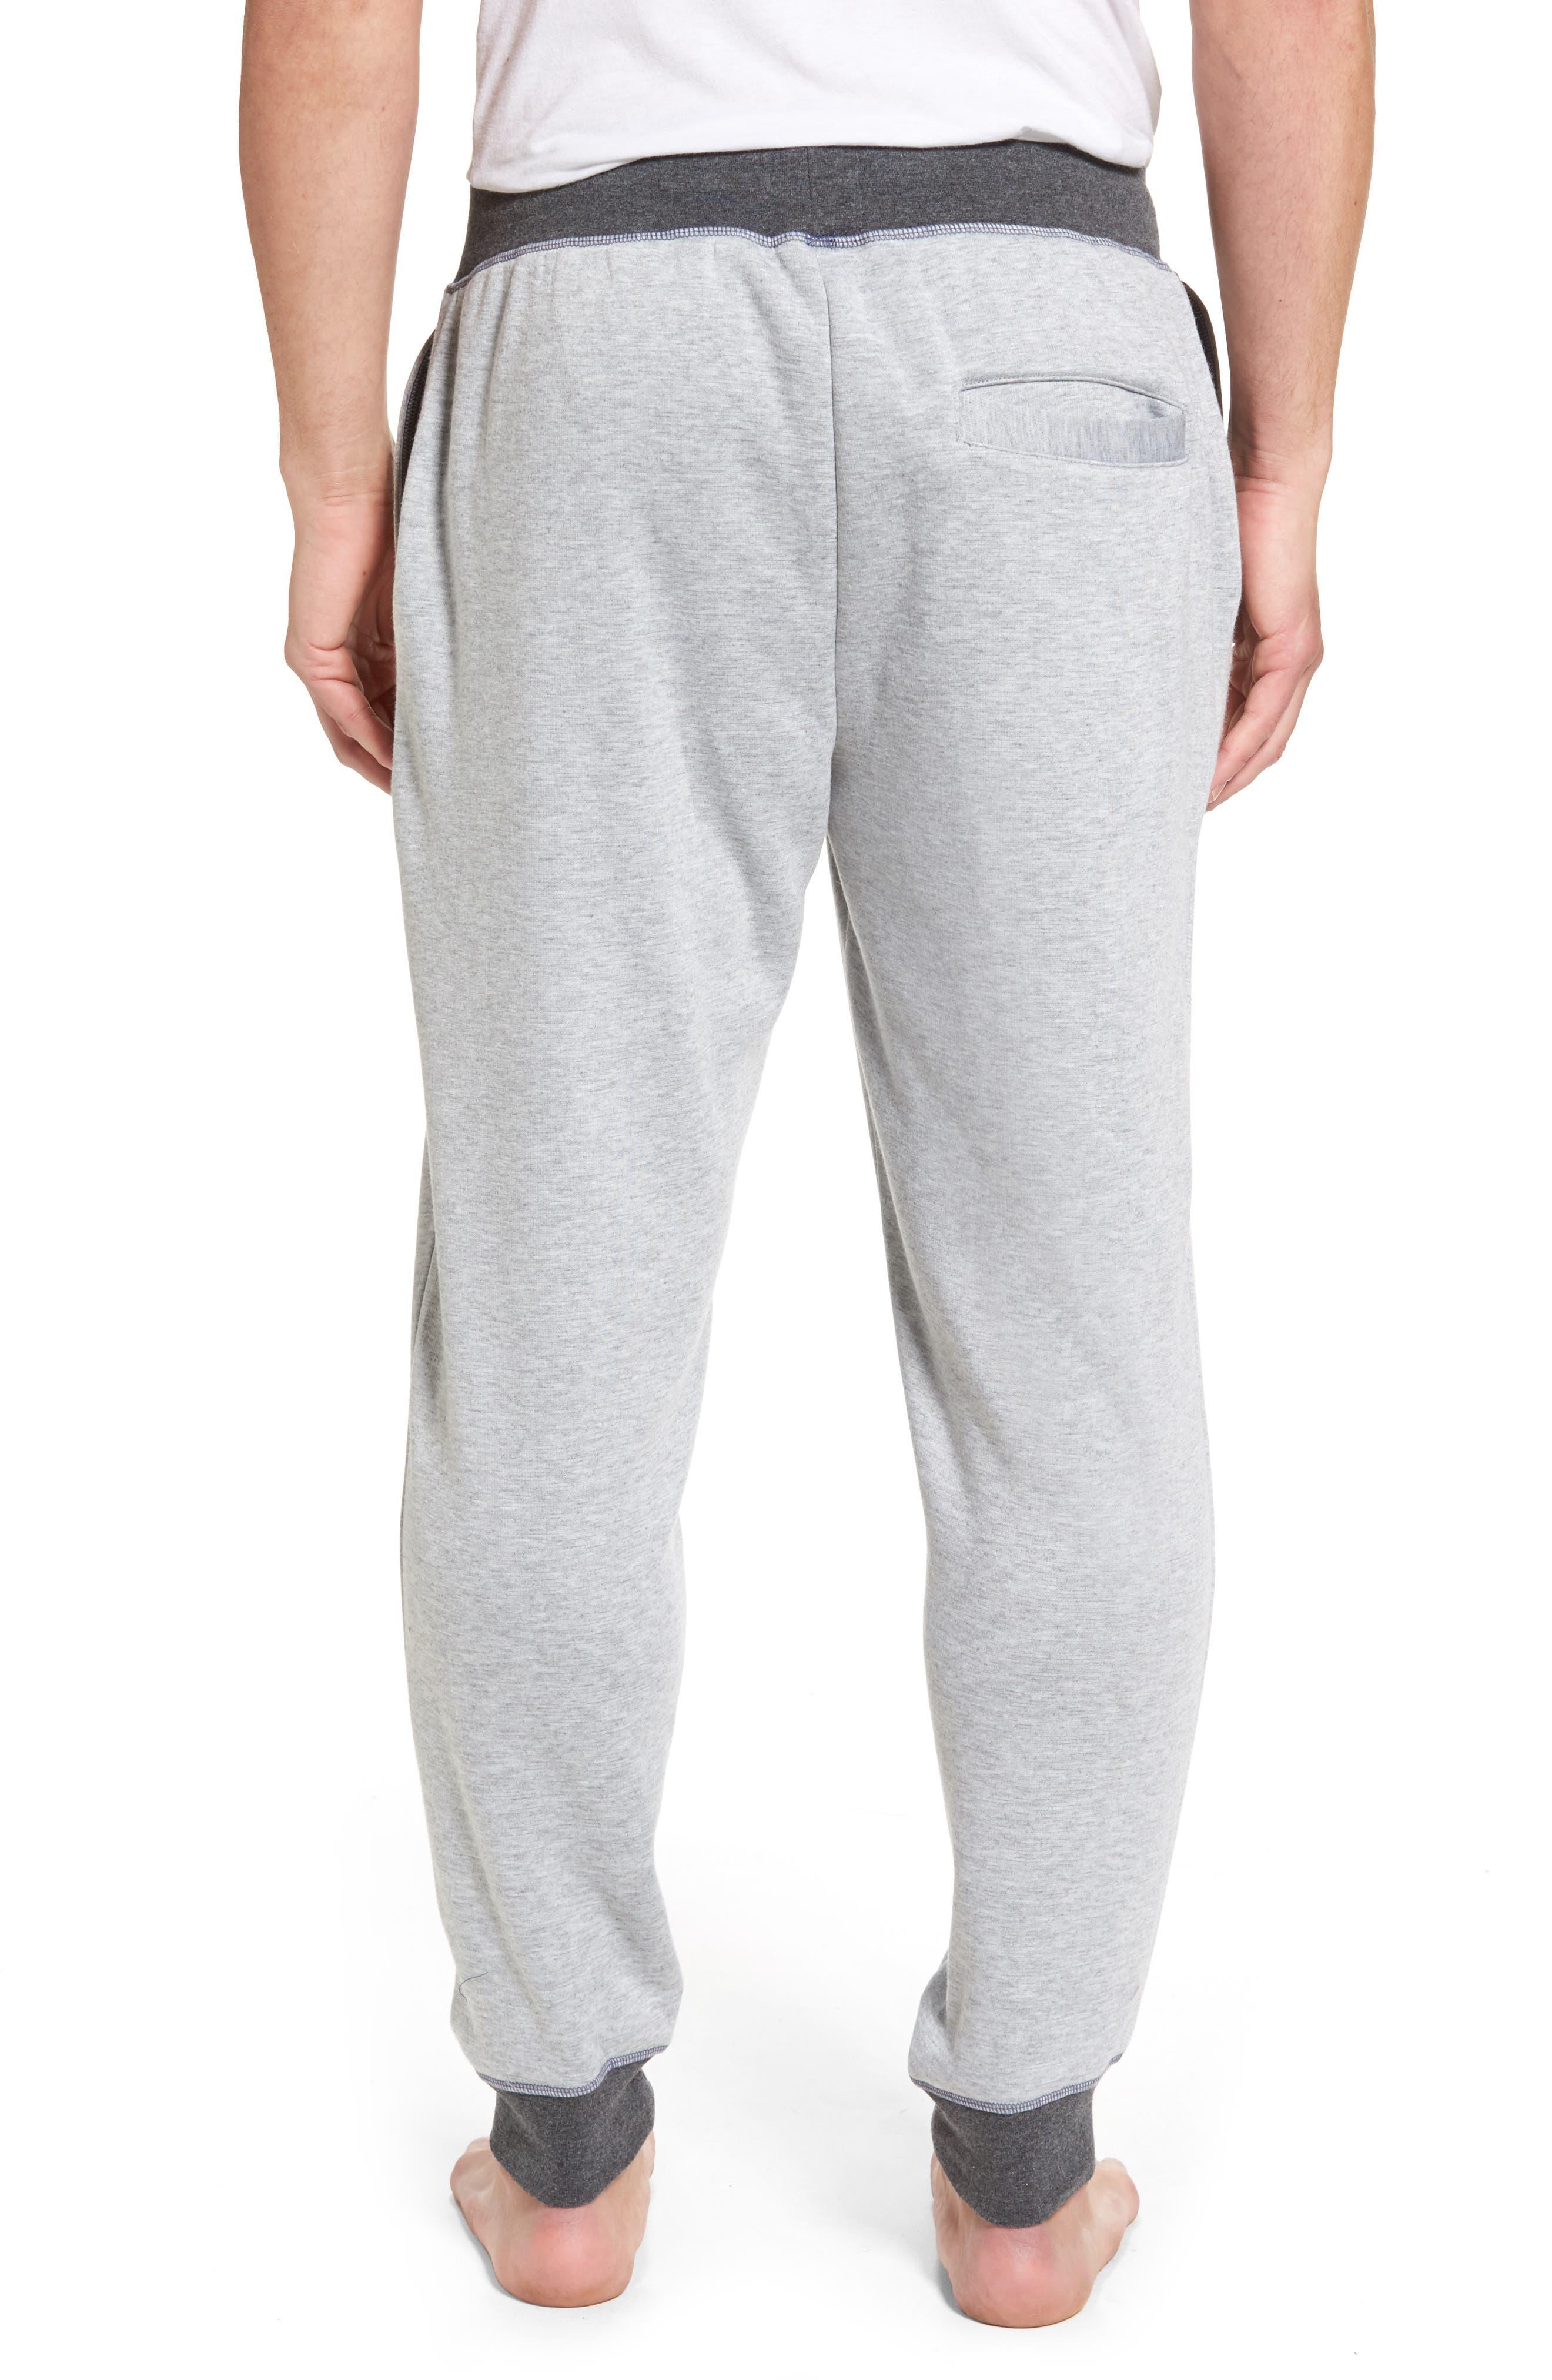 Double Take Knit Lounge Pants,                             Alternate thumbnail 2, color,                             Grey